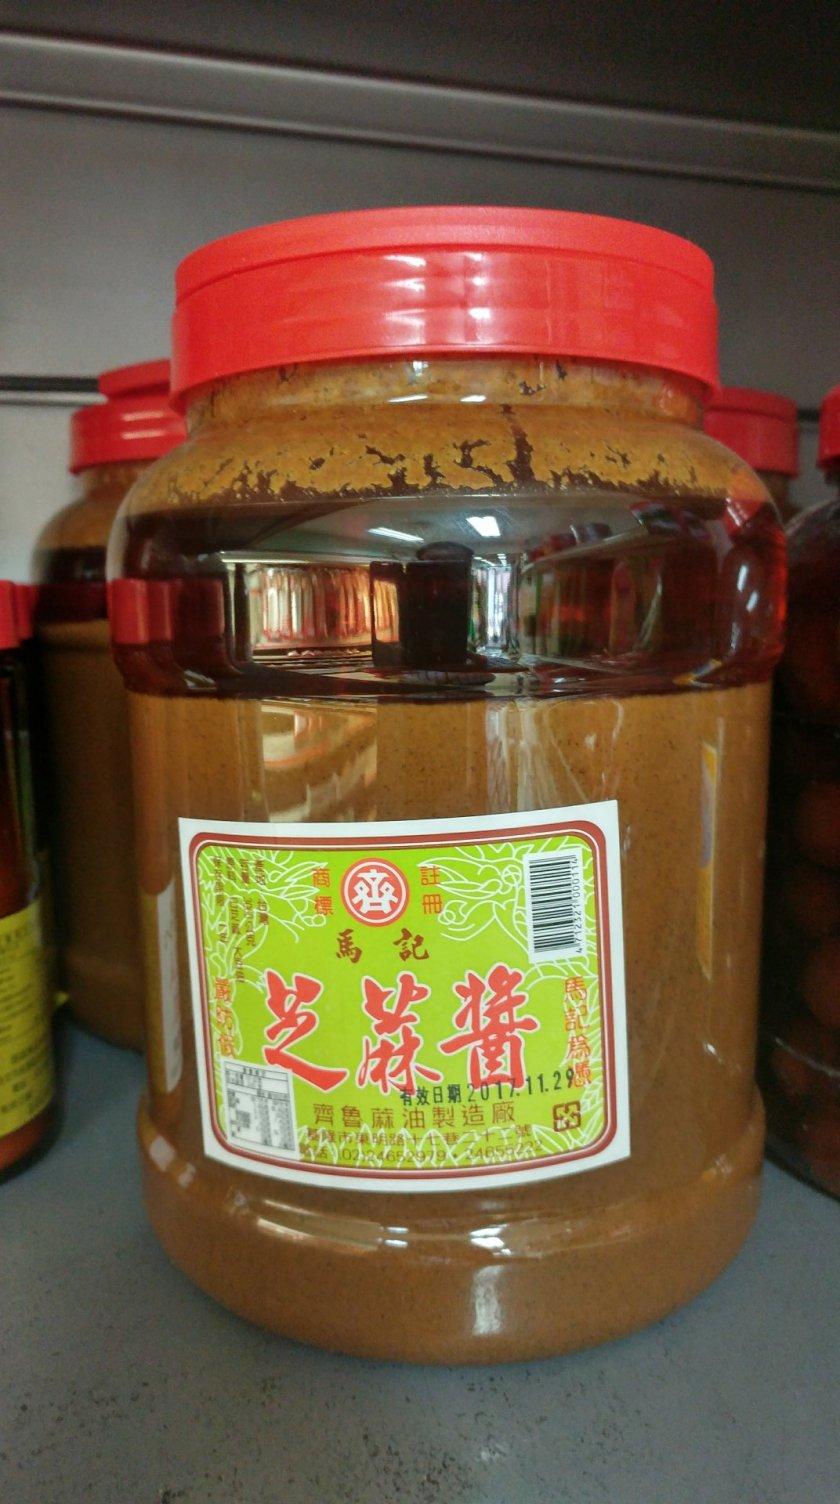 宜蘭 順發食品公司  馬記芝麻醬